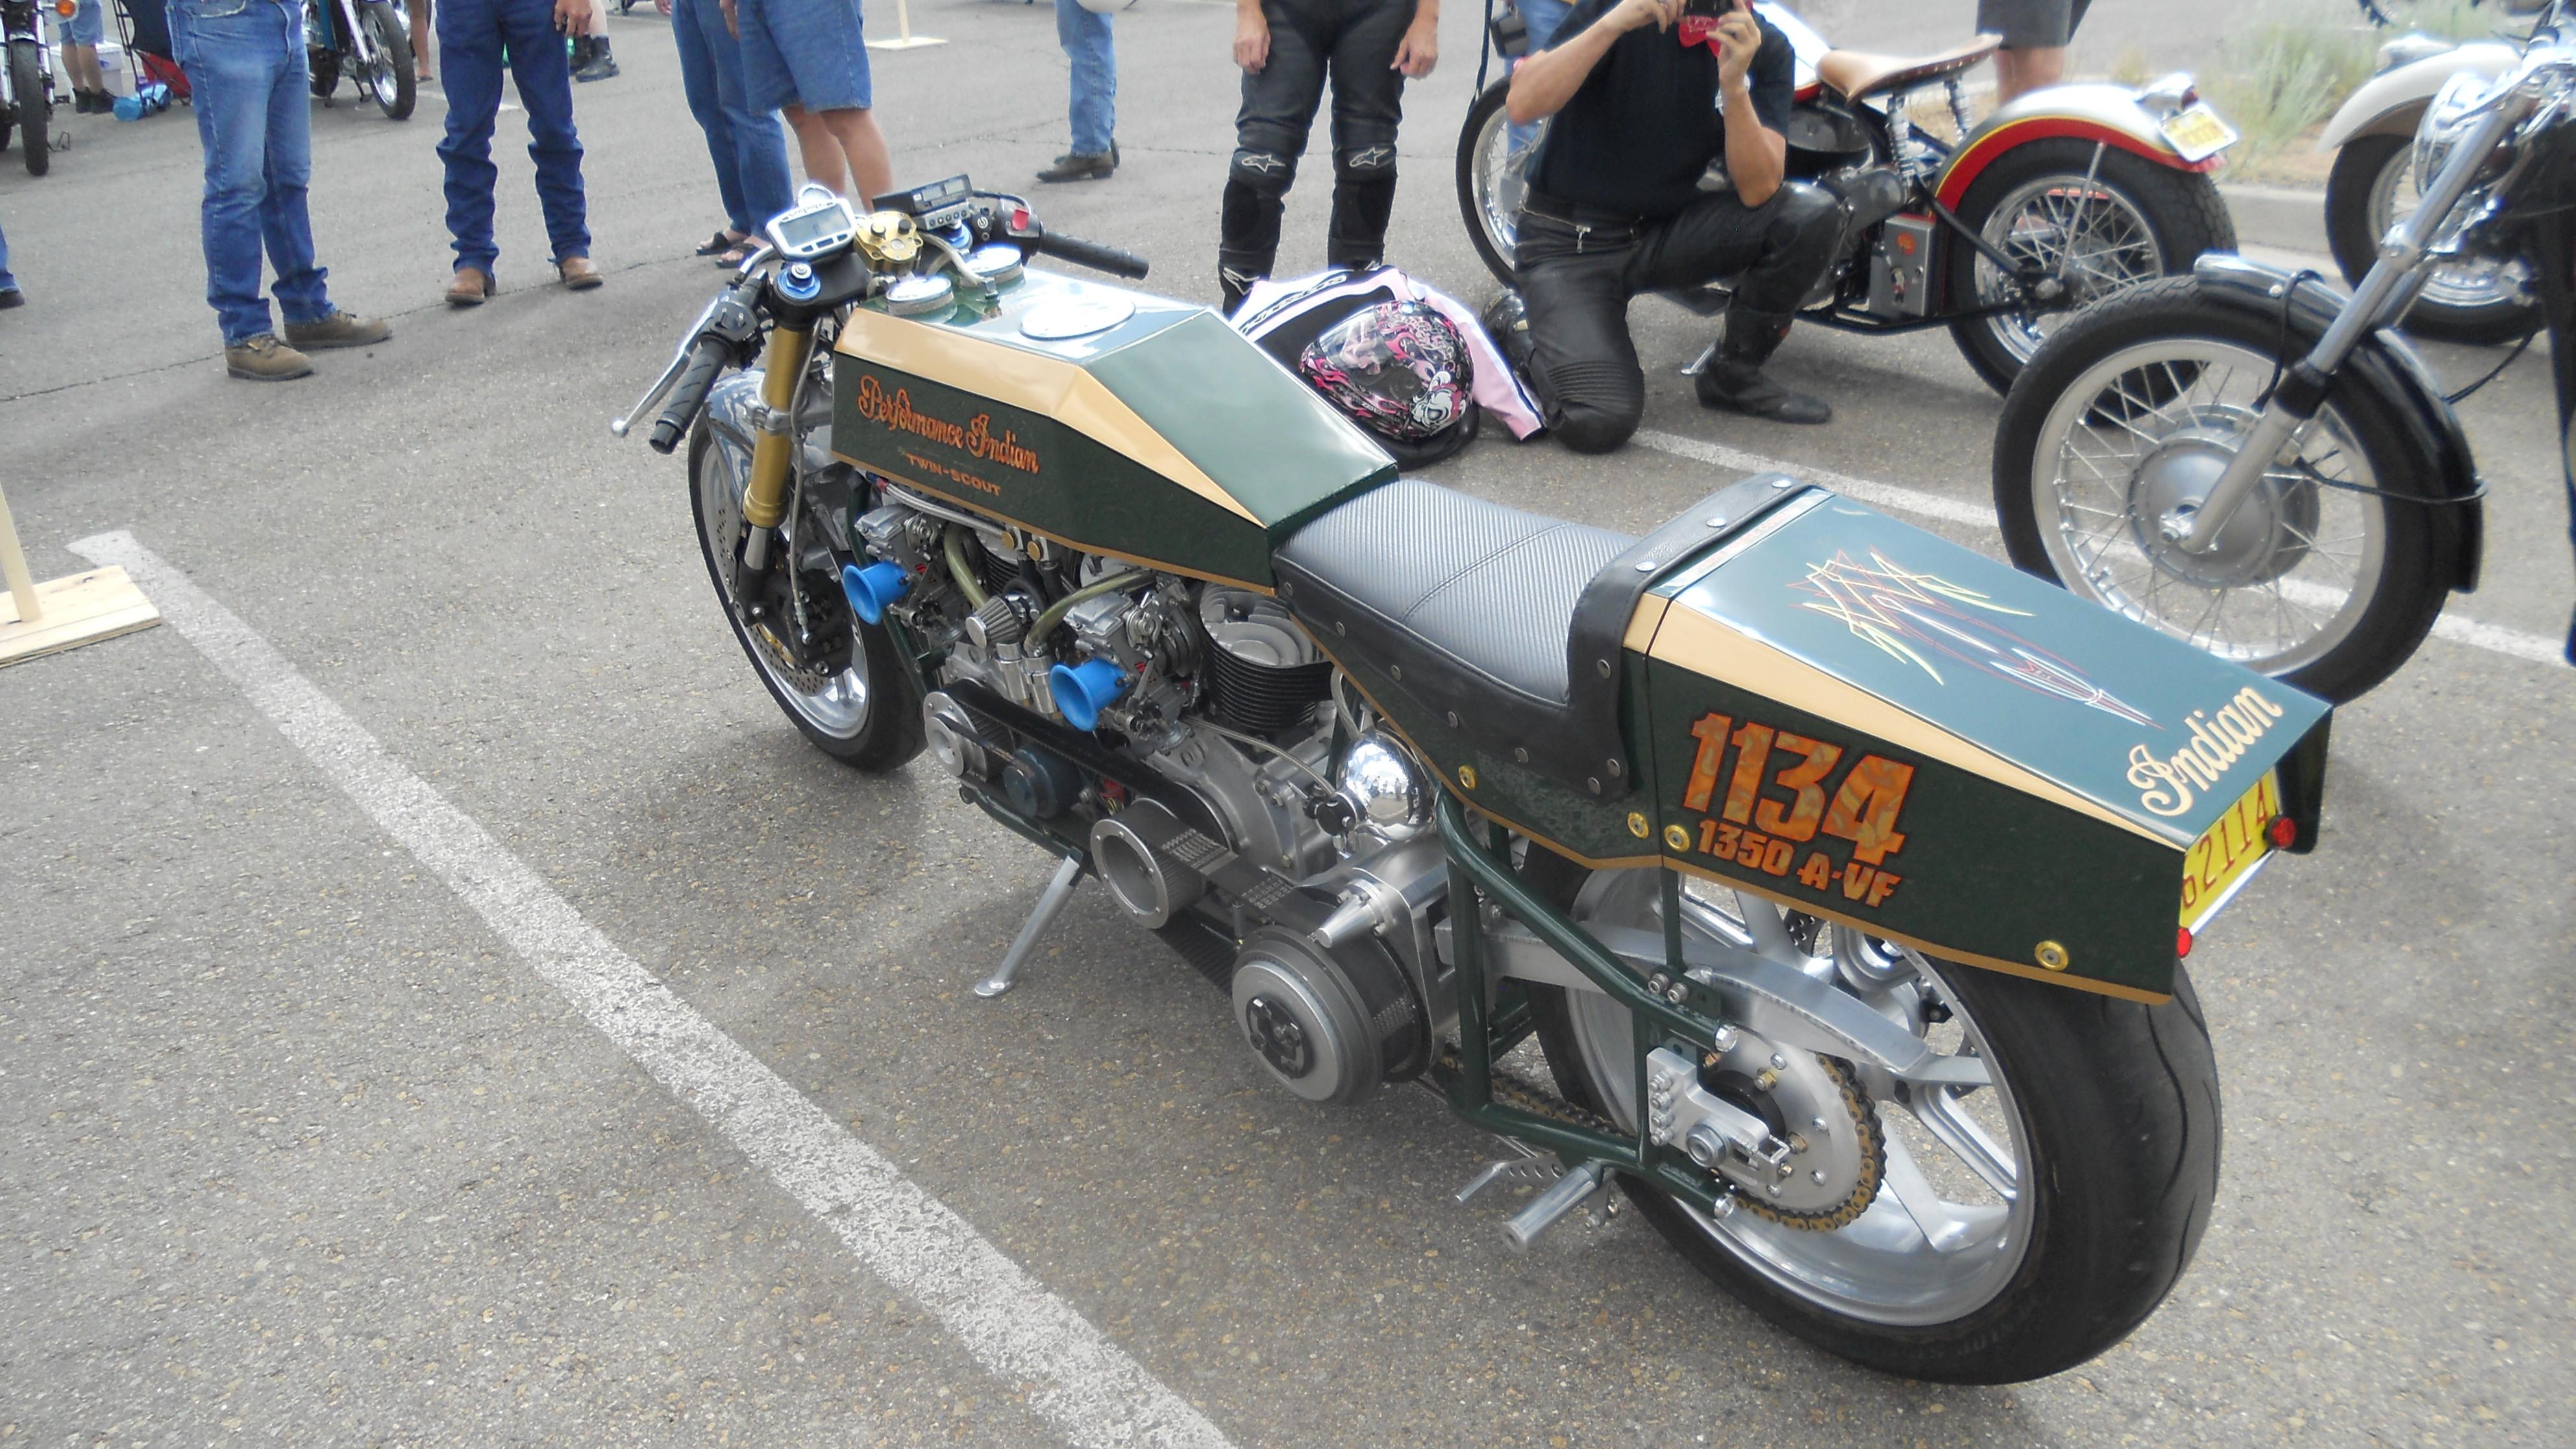 eld0rado motorcycle show june 2012 004.JPG